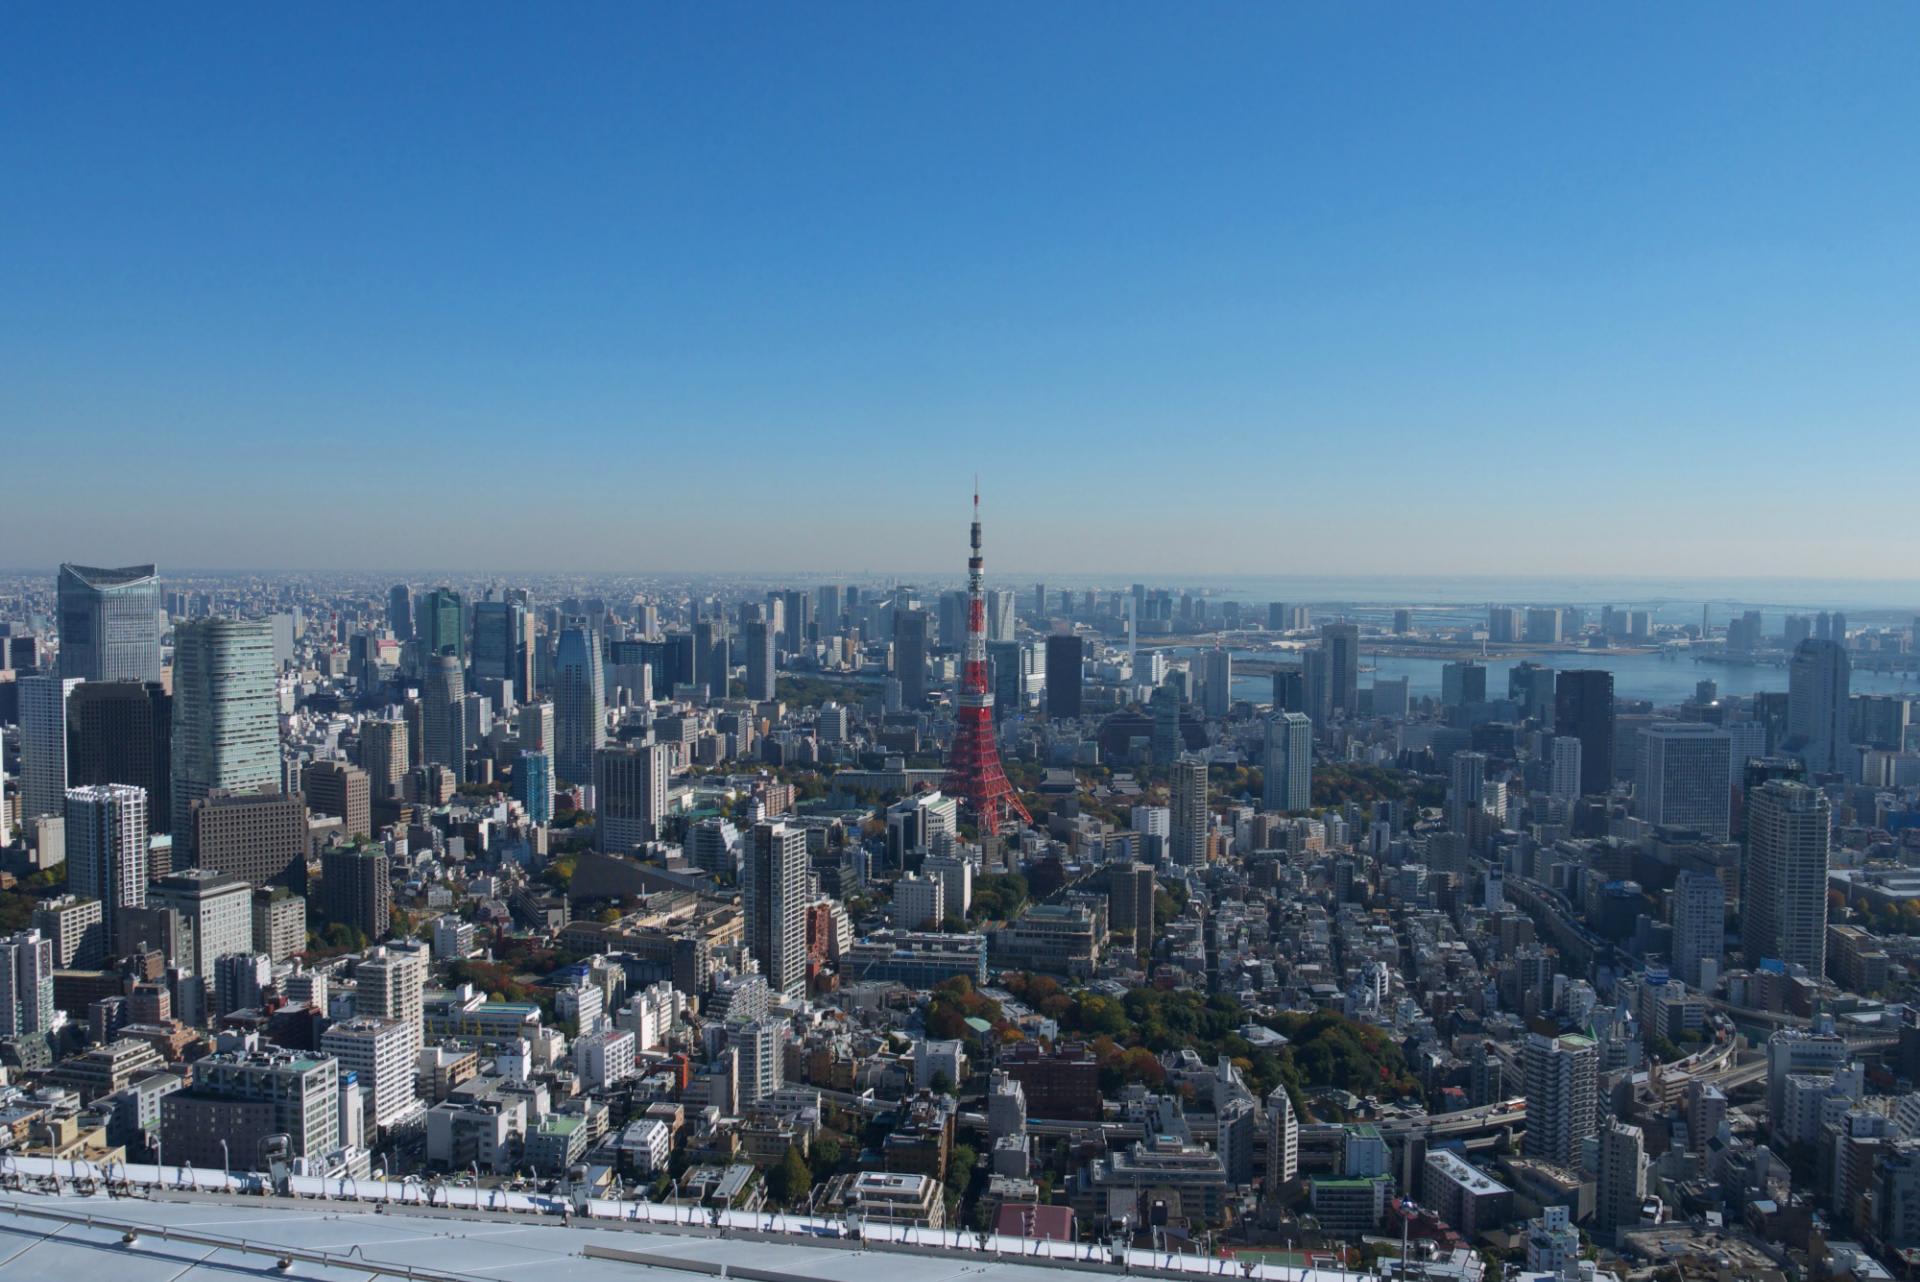 東京風景写真の壁紙 六本木ヒルズ フジテレビ本社ビル 東京スカイツリー 緑には 東京しかない